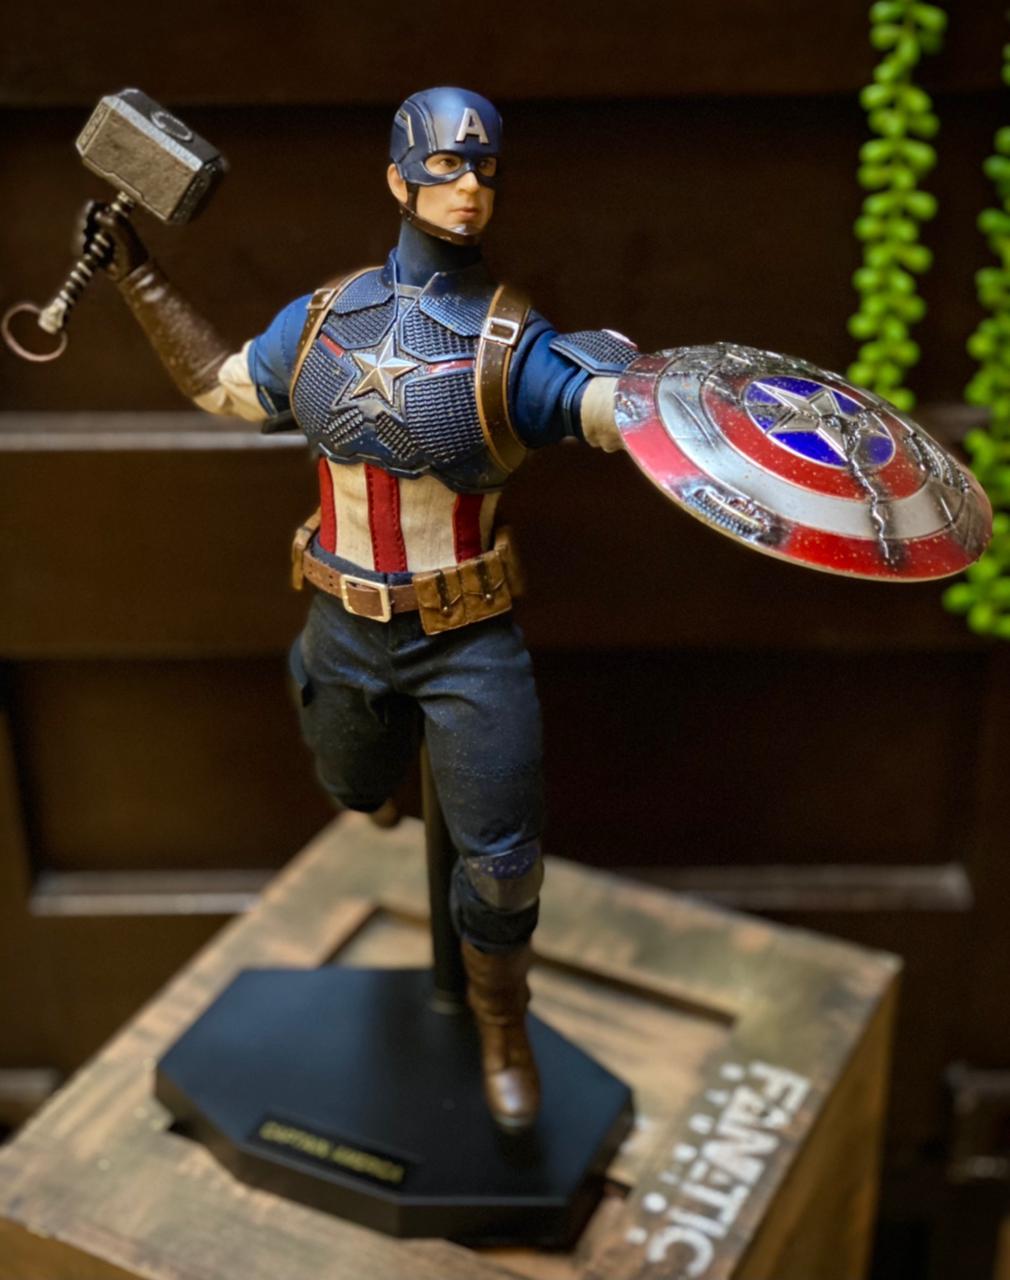 Action Figure Capitão América: Vingadores Ultimato Avengers End Game Escala 1/6 - Team Of Prototyping - EV